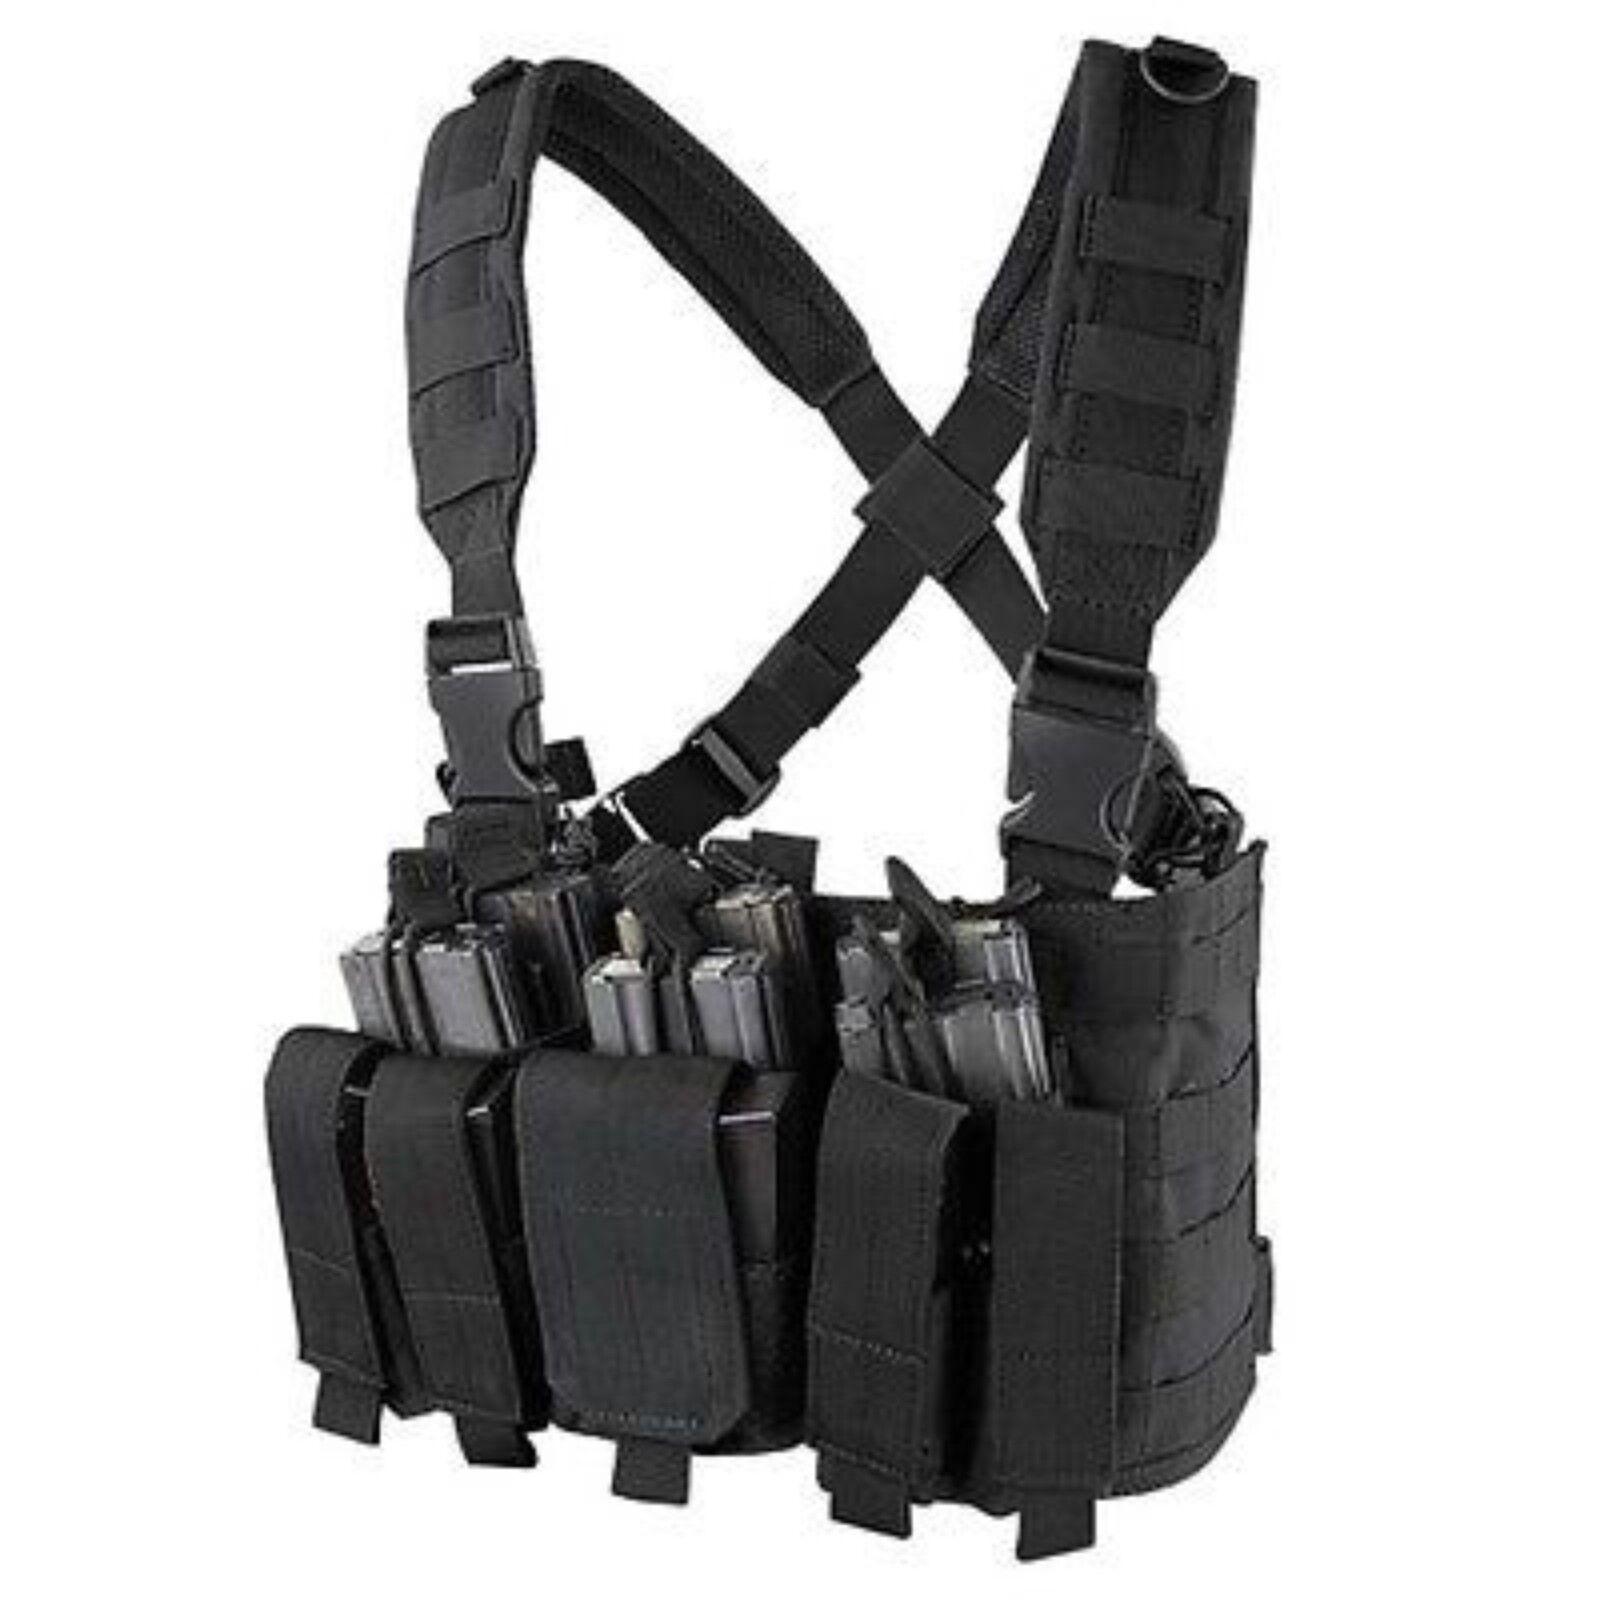 CONDOR Black MCR5 MOLLE 5.56 .223 Magazine Holster Rapid Assault Chest Rig  Vest c0fb1c68c